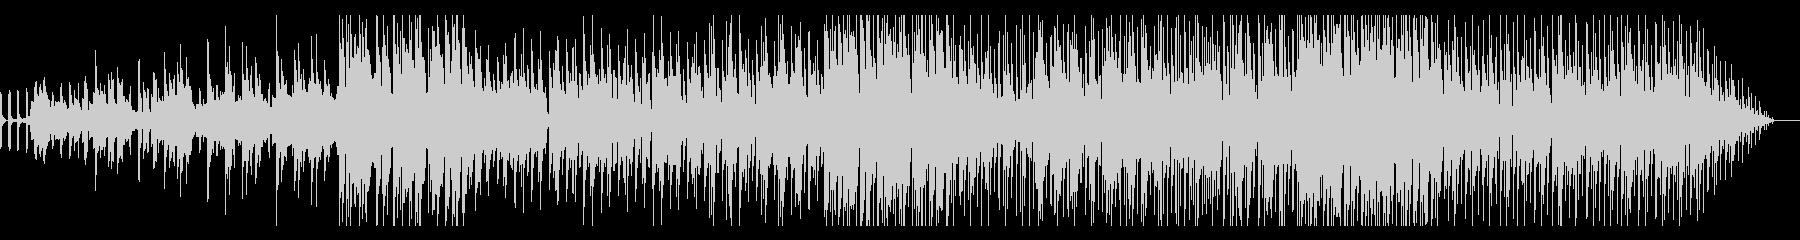 オルガンとクリーンなエレクトリック...の未再生の波形